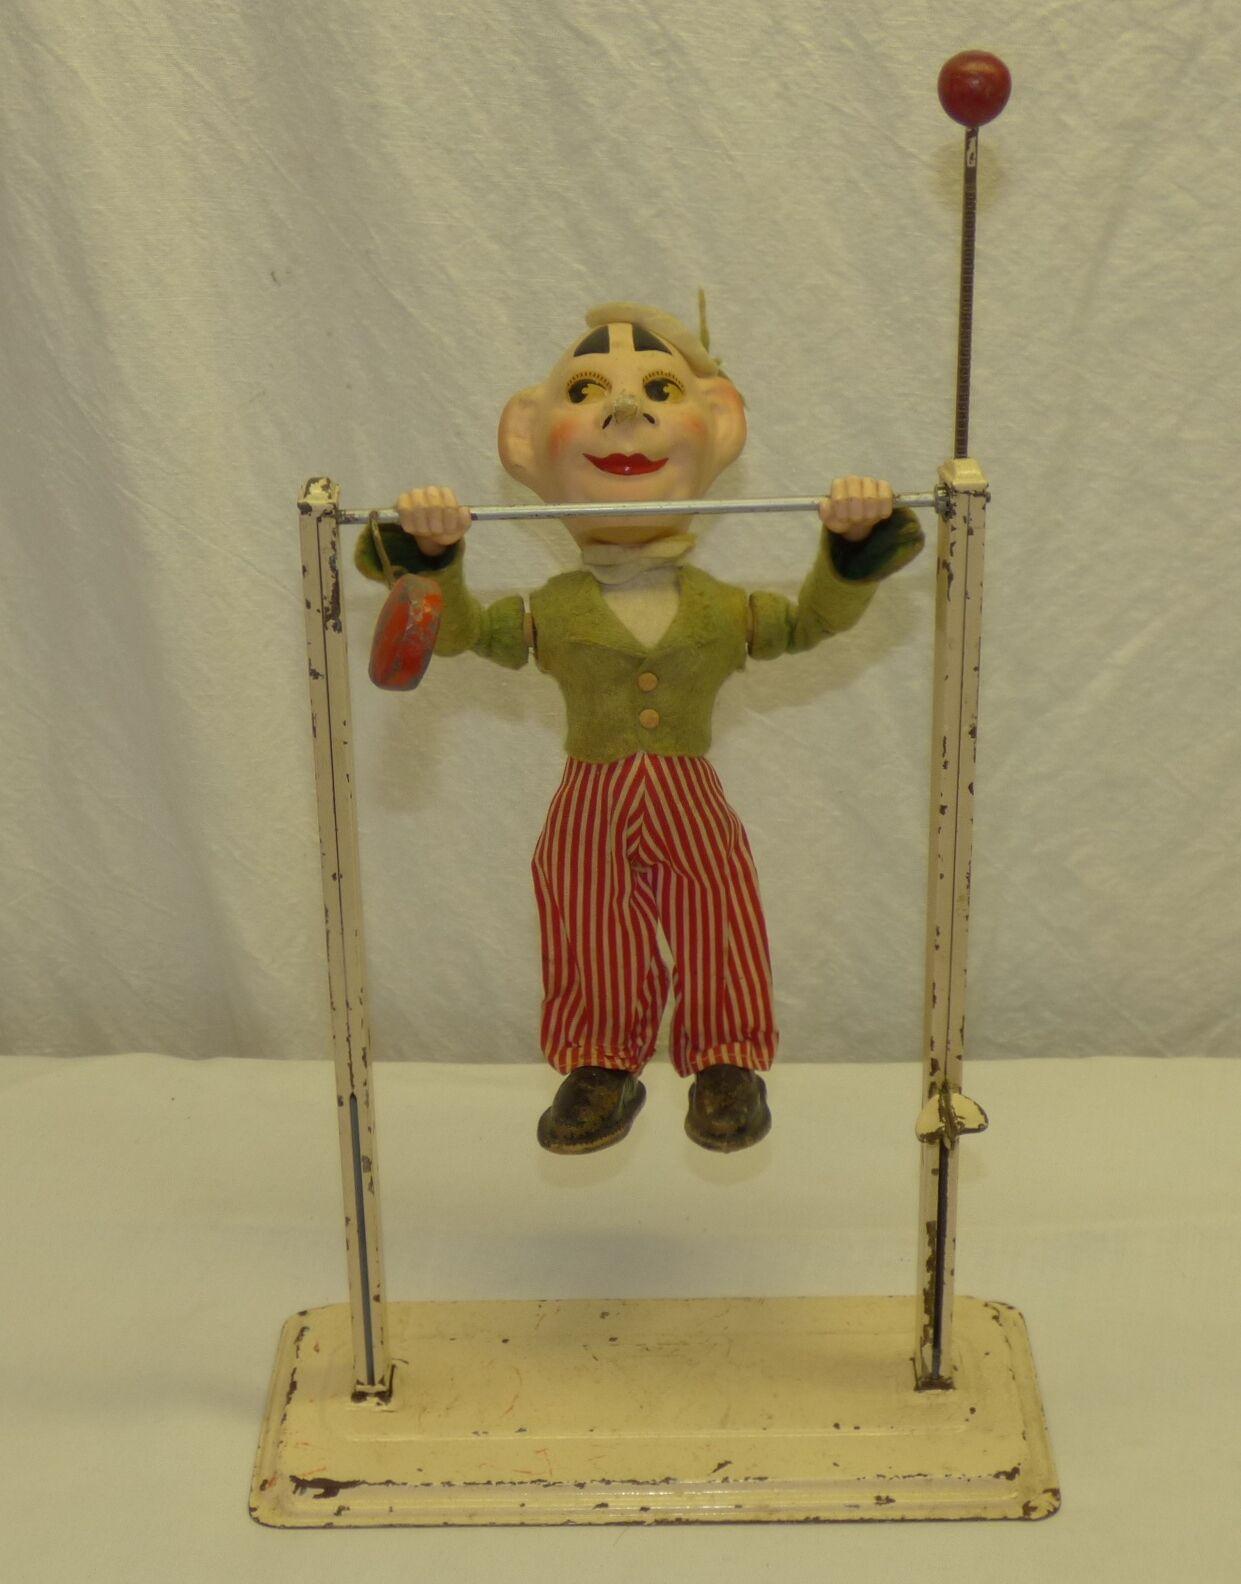 Arnold 1950s viejo nos zona Alemania metal y papel maché mecánico Acrobat muñeca de juguete